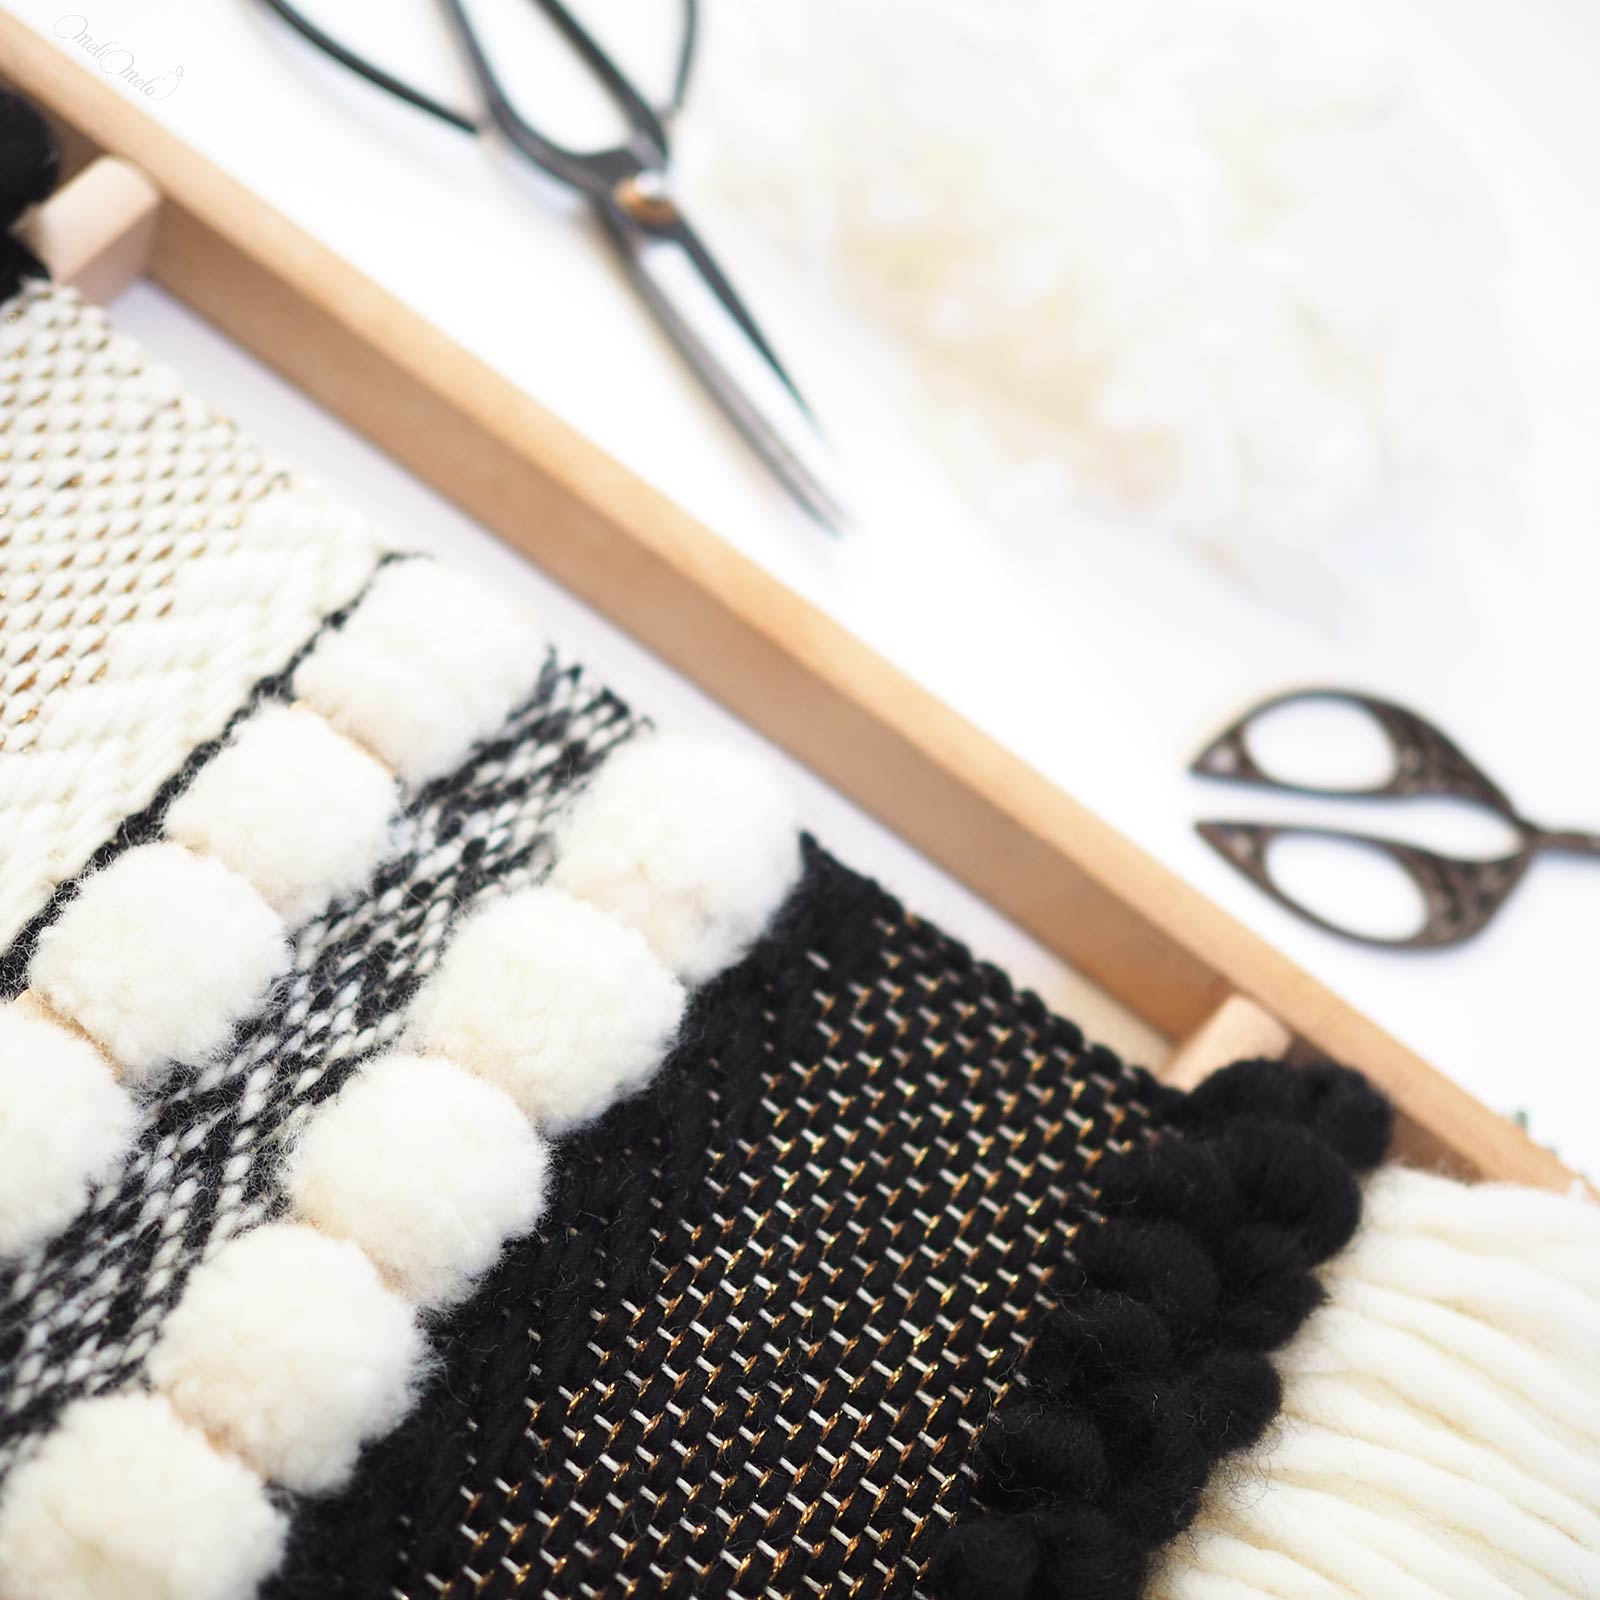 tissage en laine Reflets d'or modèle DIY tonte des pompons laboutiquedemelimelo